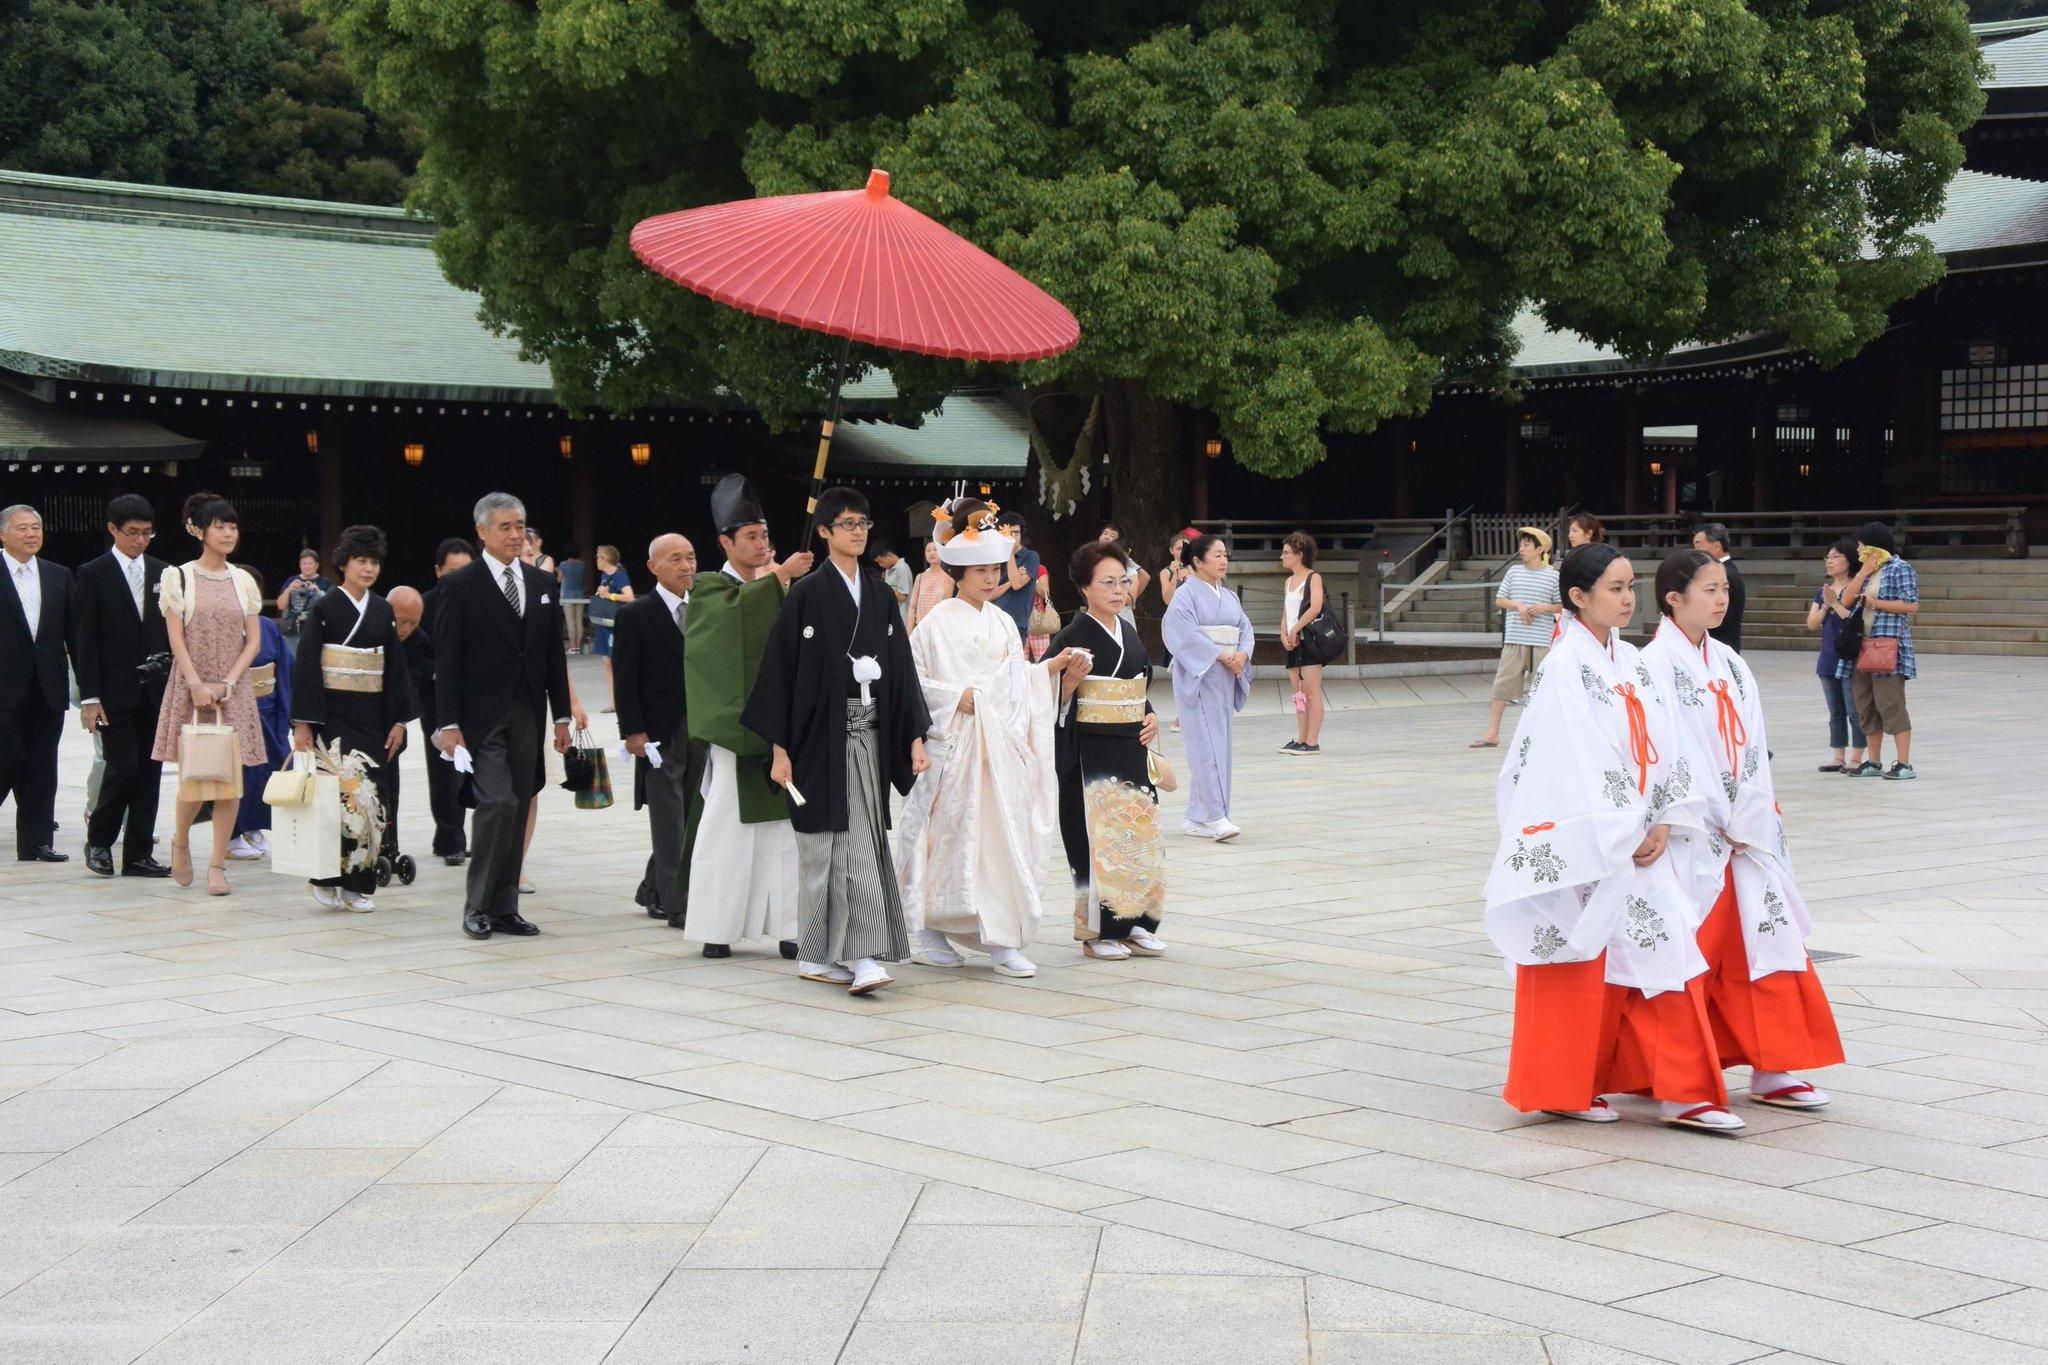 Boda tradicional japonesa en el Templo Meiji